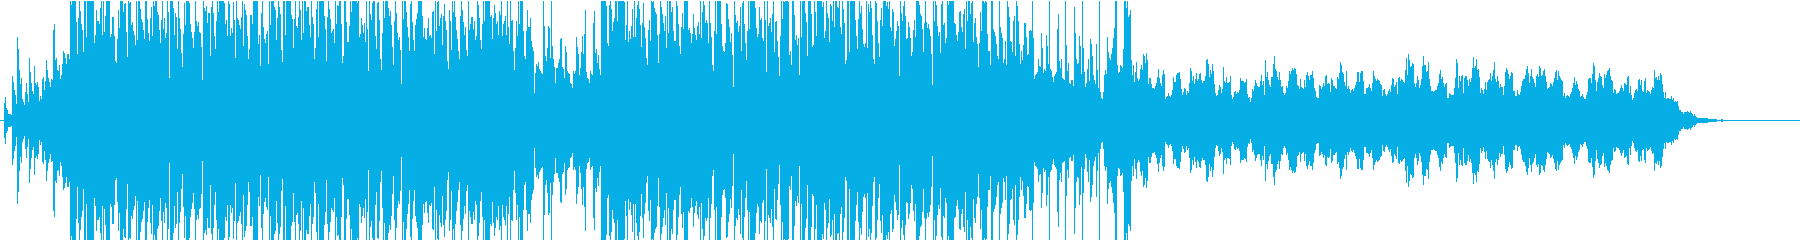 南国リゾ~ト!耳に残るトロピカルハウス③の再生済みの波形